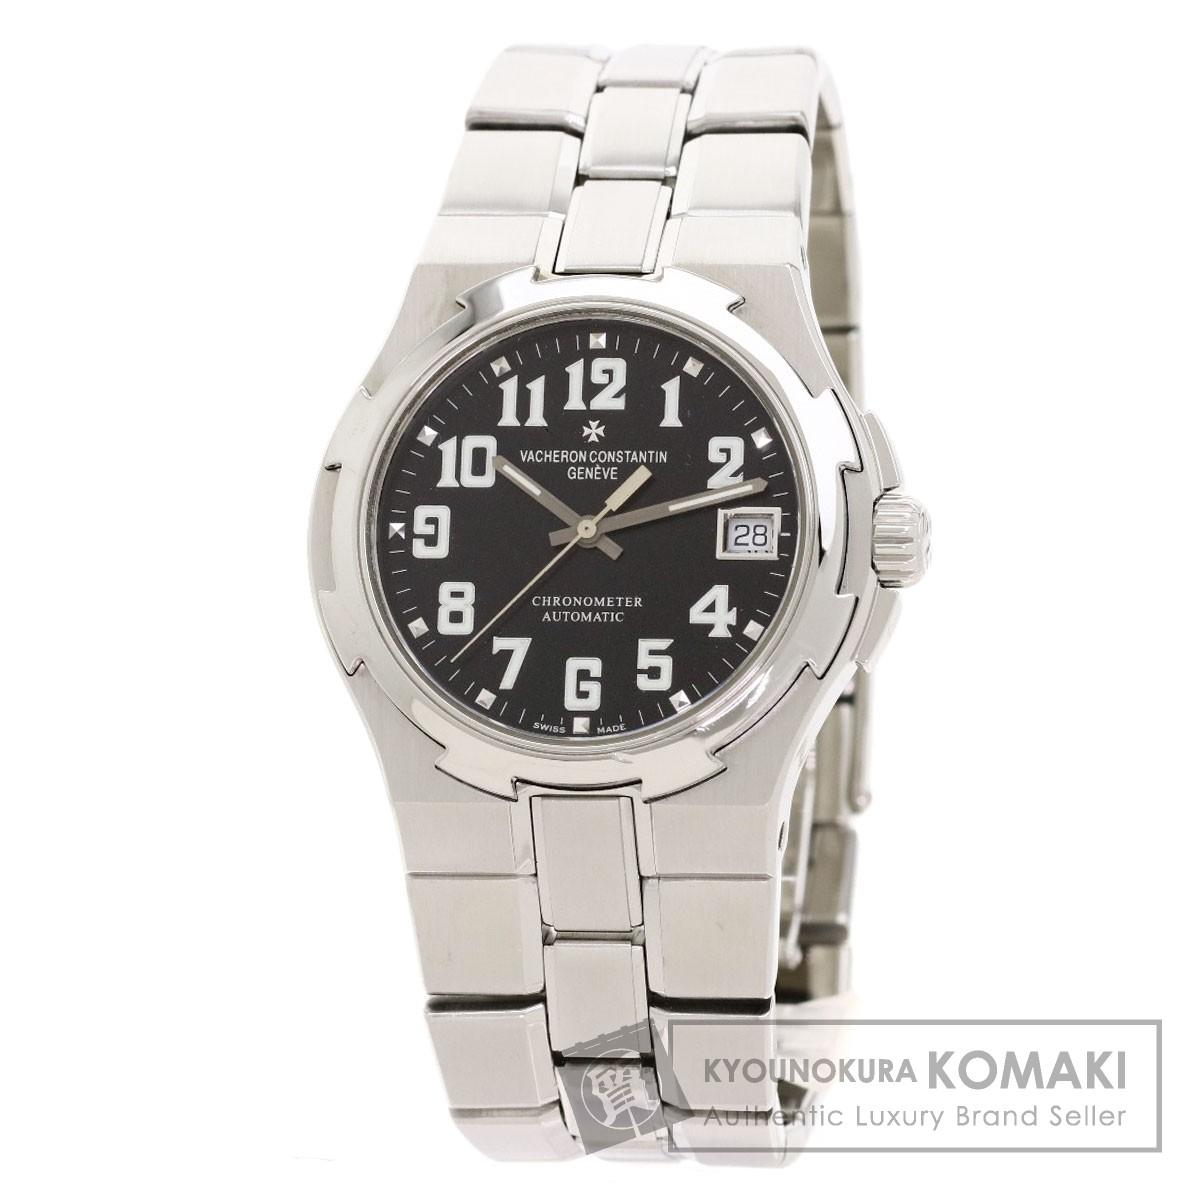 ヴァシュロン・コンスタンタン ステンレススチール/SS オーヴァーシーズ 42042/423A 【中古】【VACHERON メンズ 腕時計 CONSTANTIN】